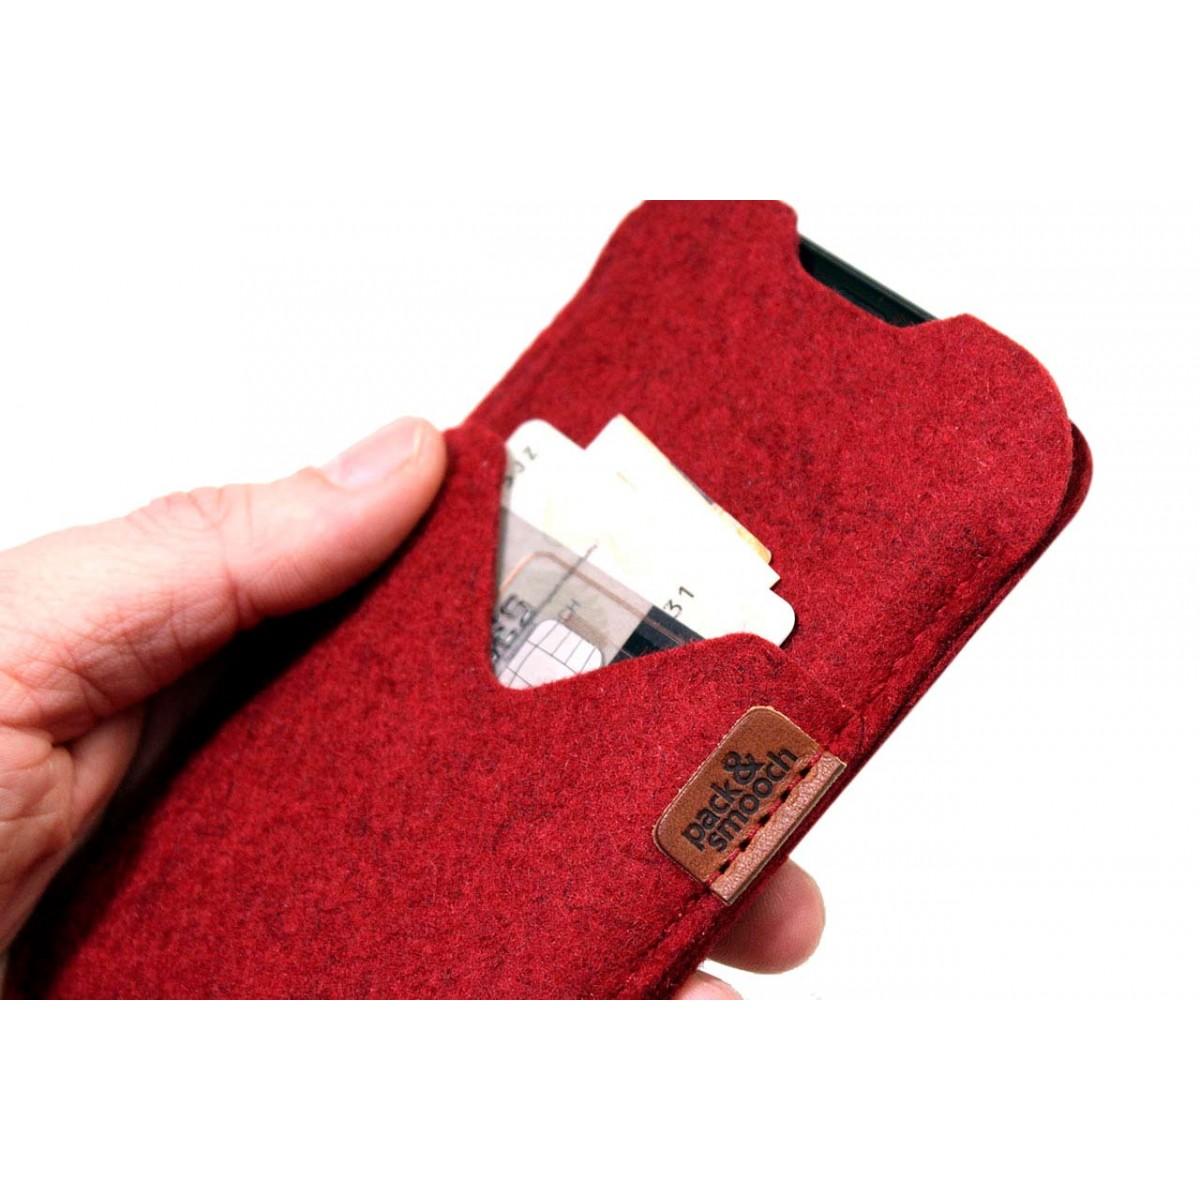 Pack & Smooch iPhone 12 Pro / 12 Hülle mit Kartenfach SHETLAND 100% Merino Wollfilz